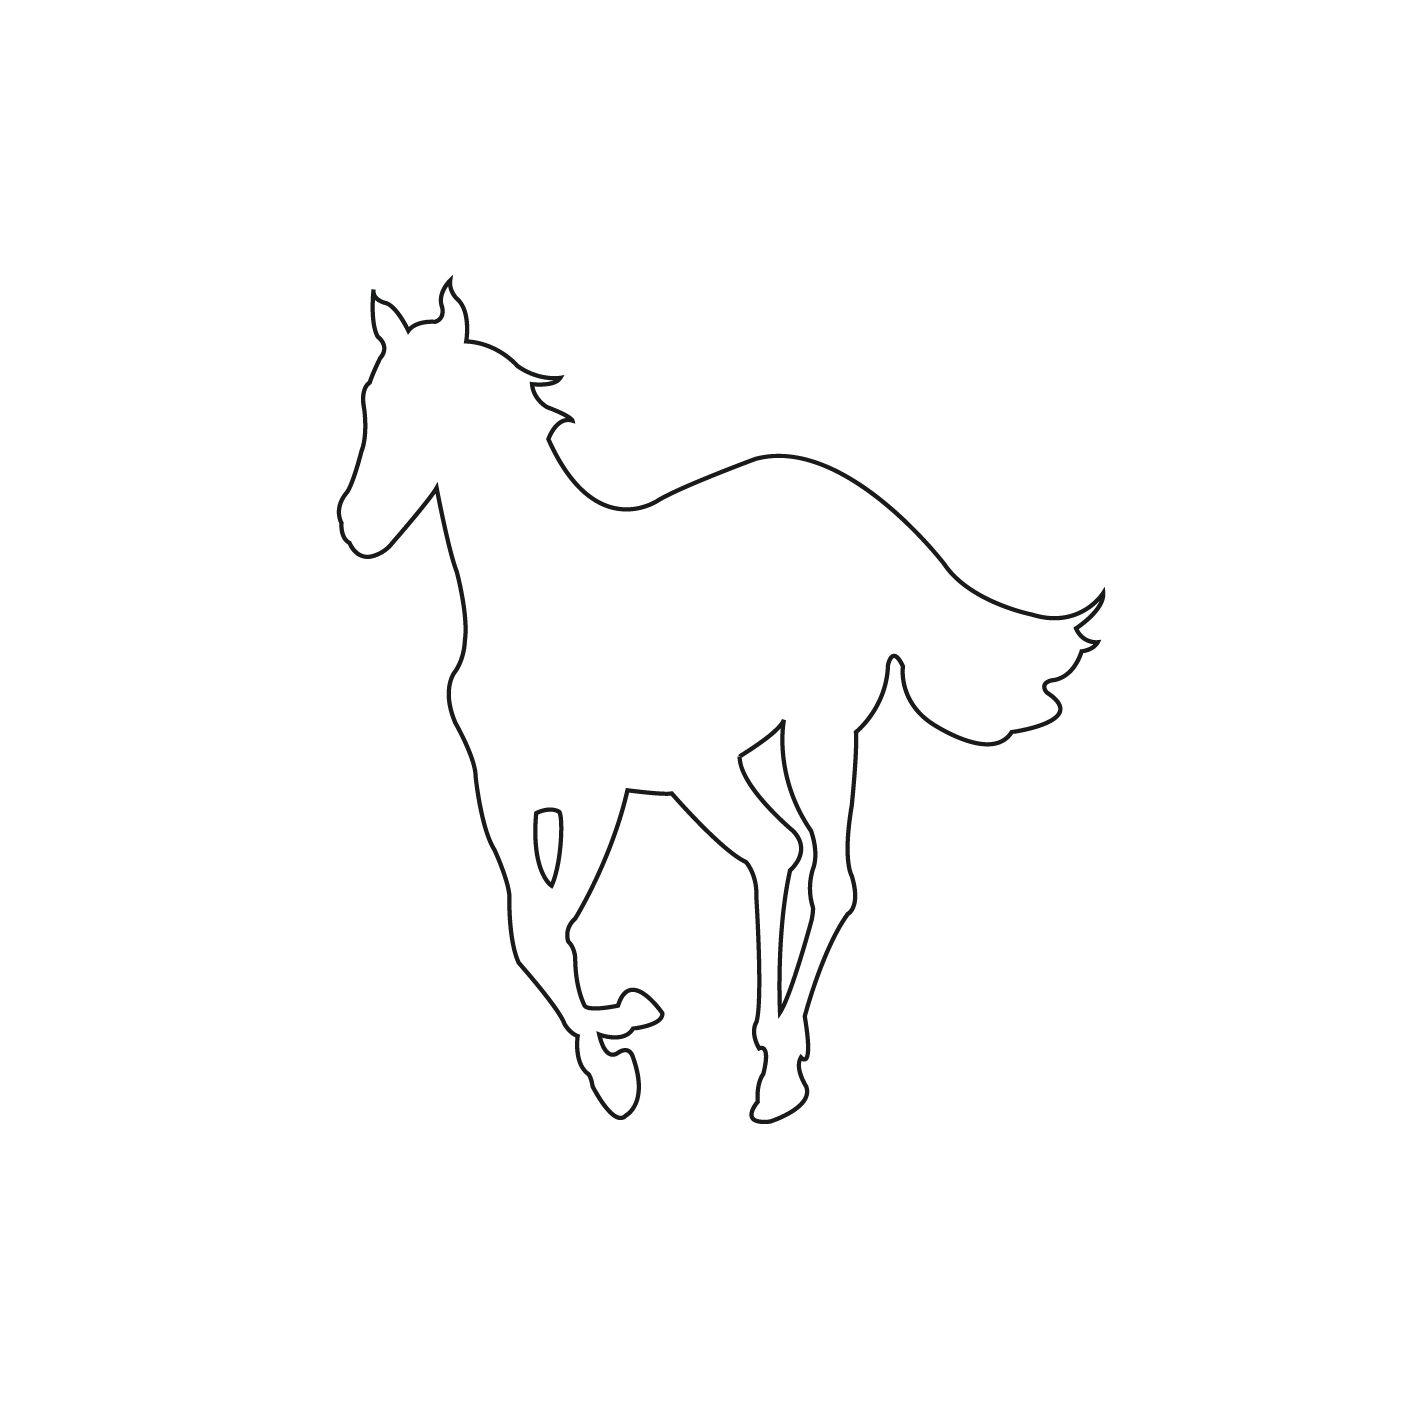 Cosa state ascoltando in cuffia in questo momento - Pagina 5 White-pony-extralarge_1318892797258